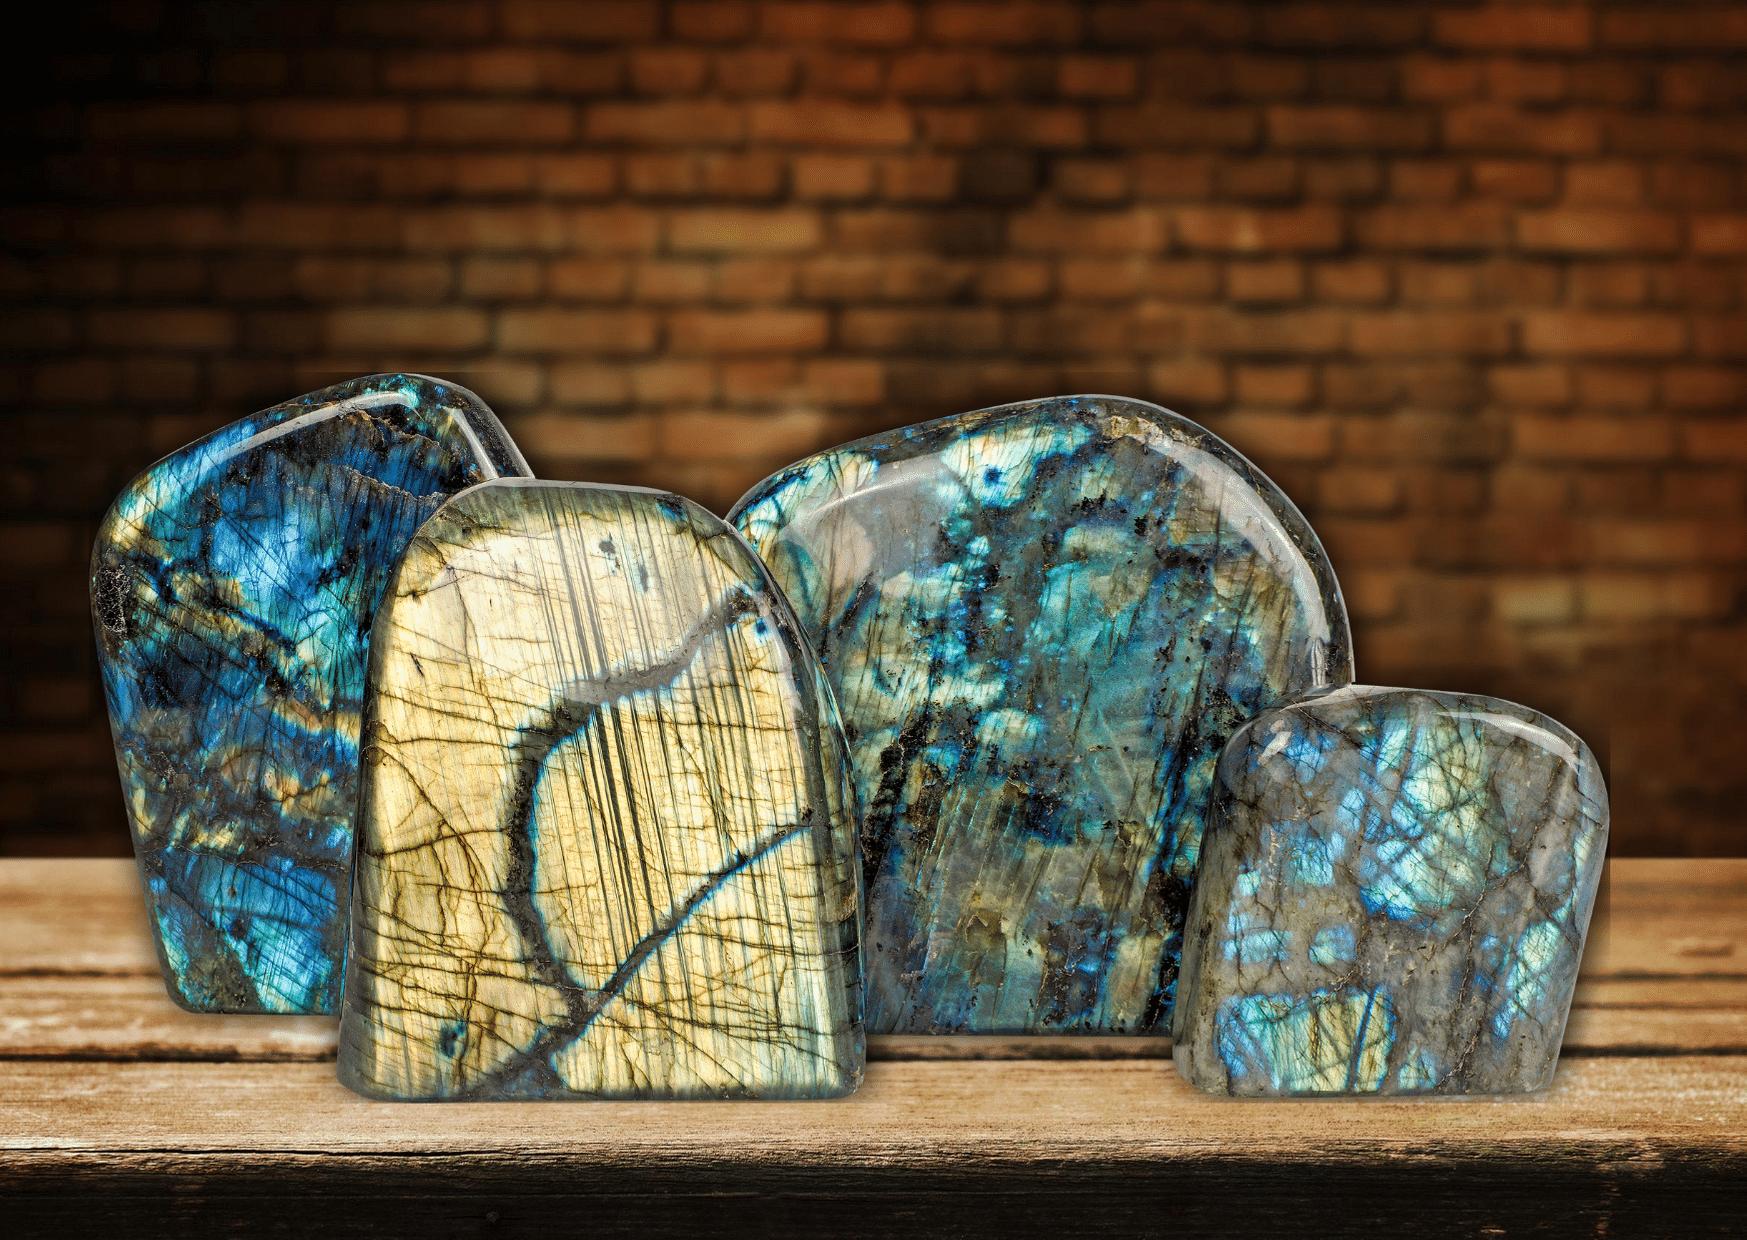 pierres labradorite pierre bleu vert sur table fond en brique